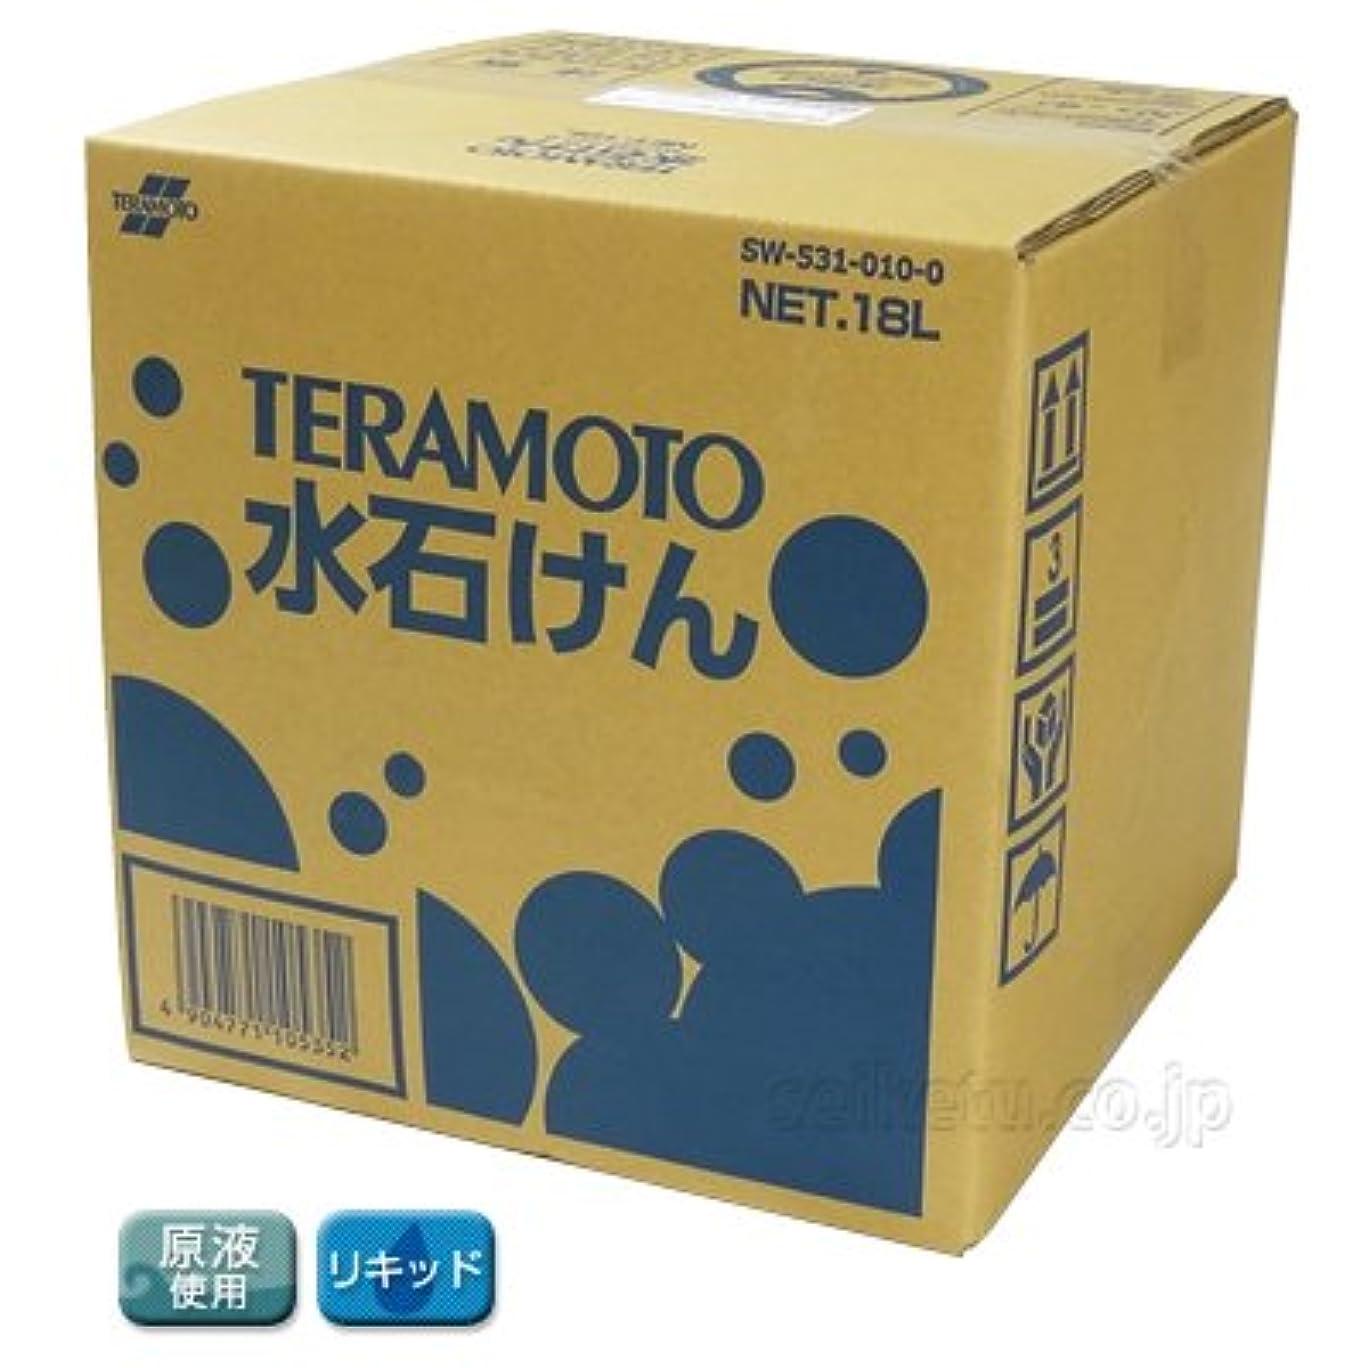 ネブ浸漬バケツ【清潔キレイ館】水玉水石鹸液(18L)